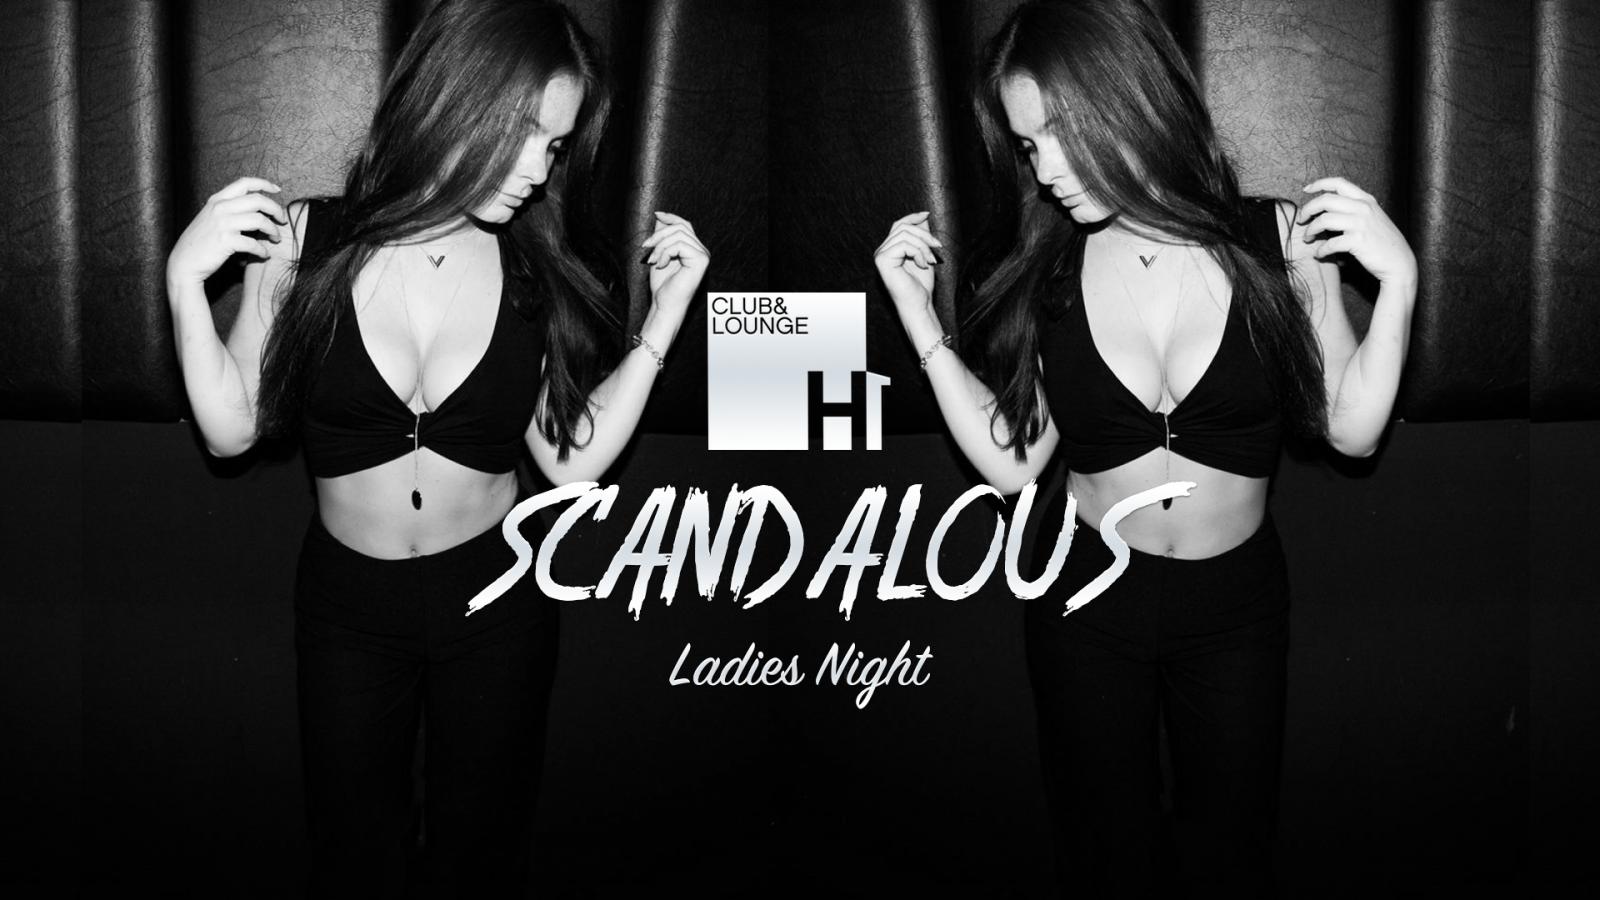 Scandalous Ladies Night